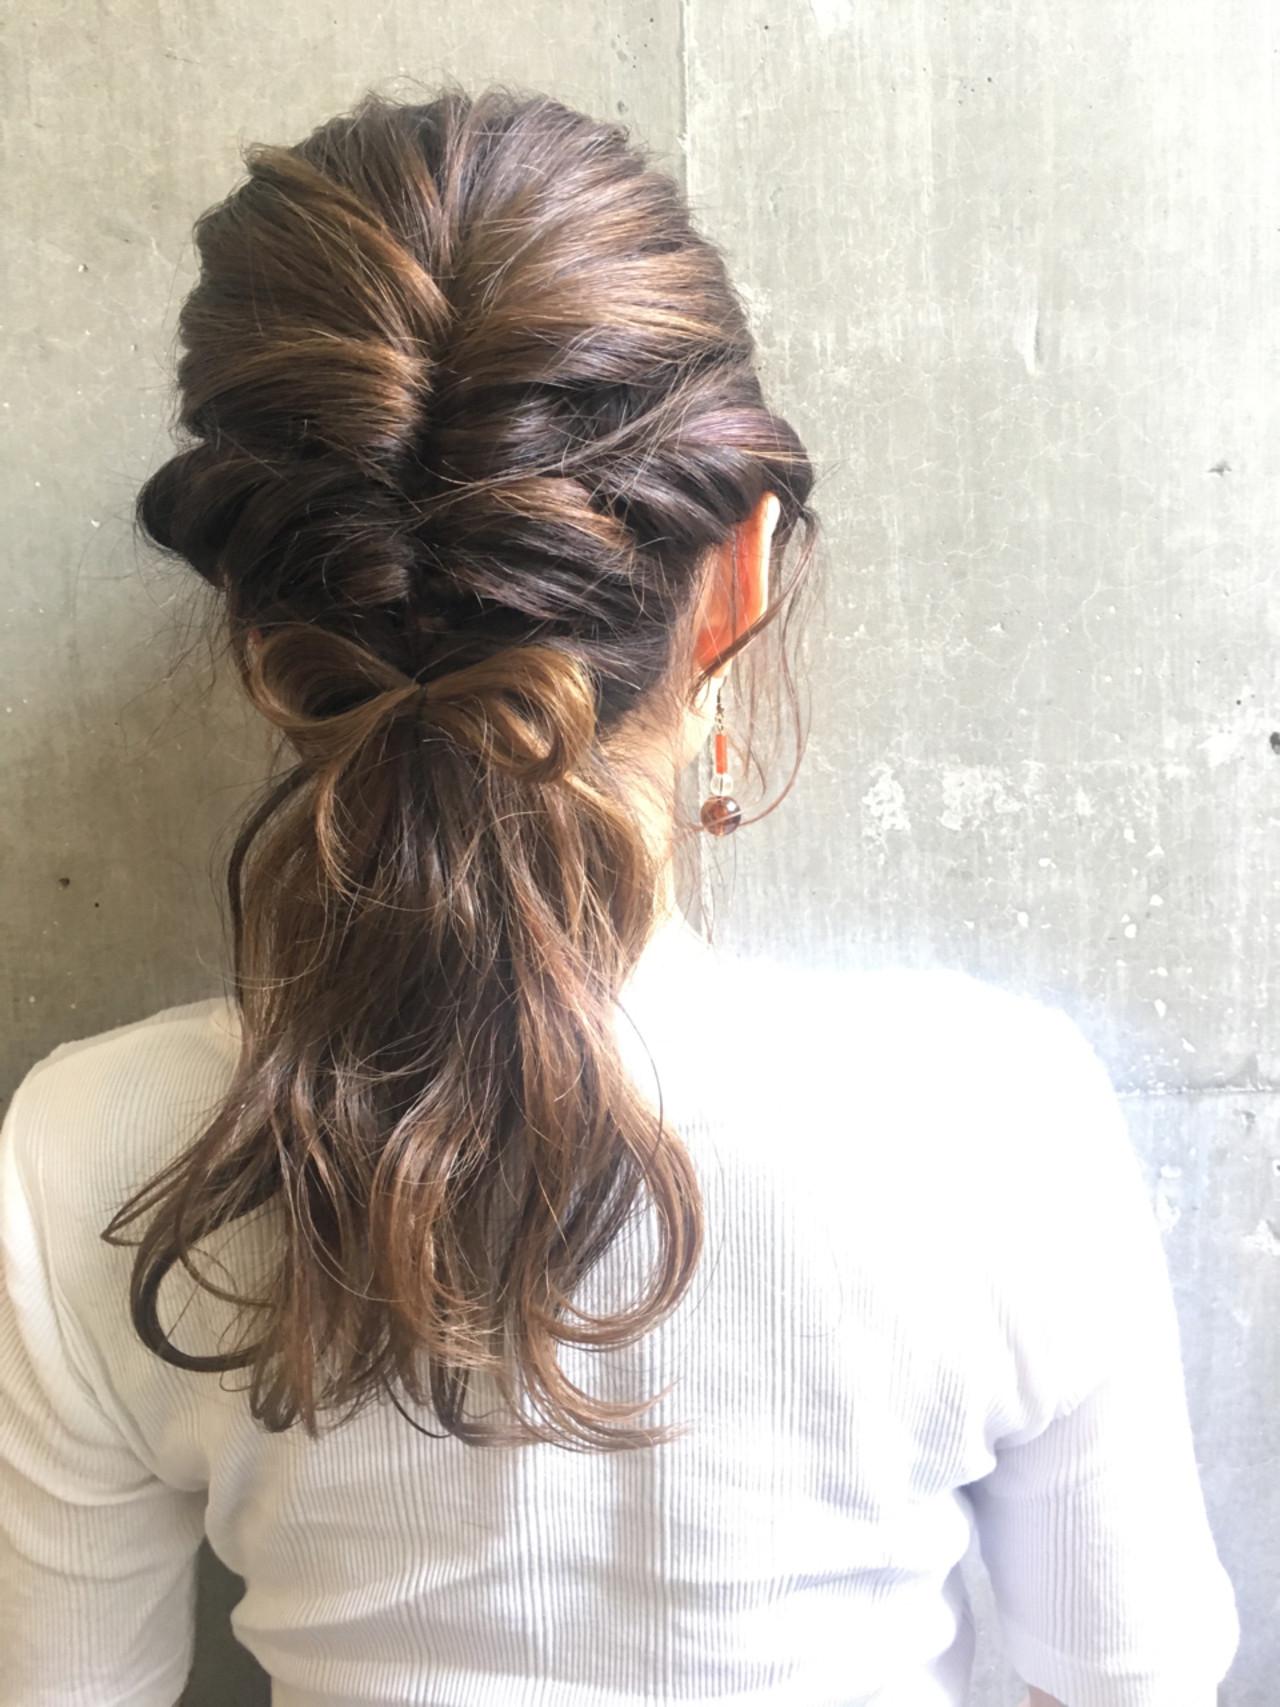 ヘアアレンジ フェミニン 編み込み くるりんぱ ヘアスタイルや髪型の写真・画像 | 鶴井 / SORA 広尾